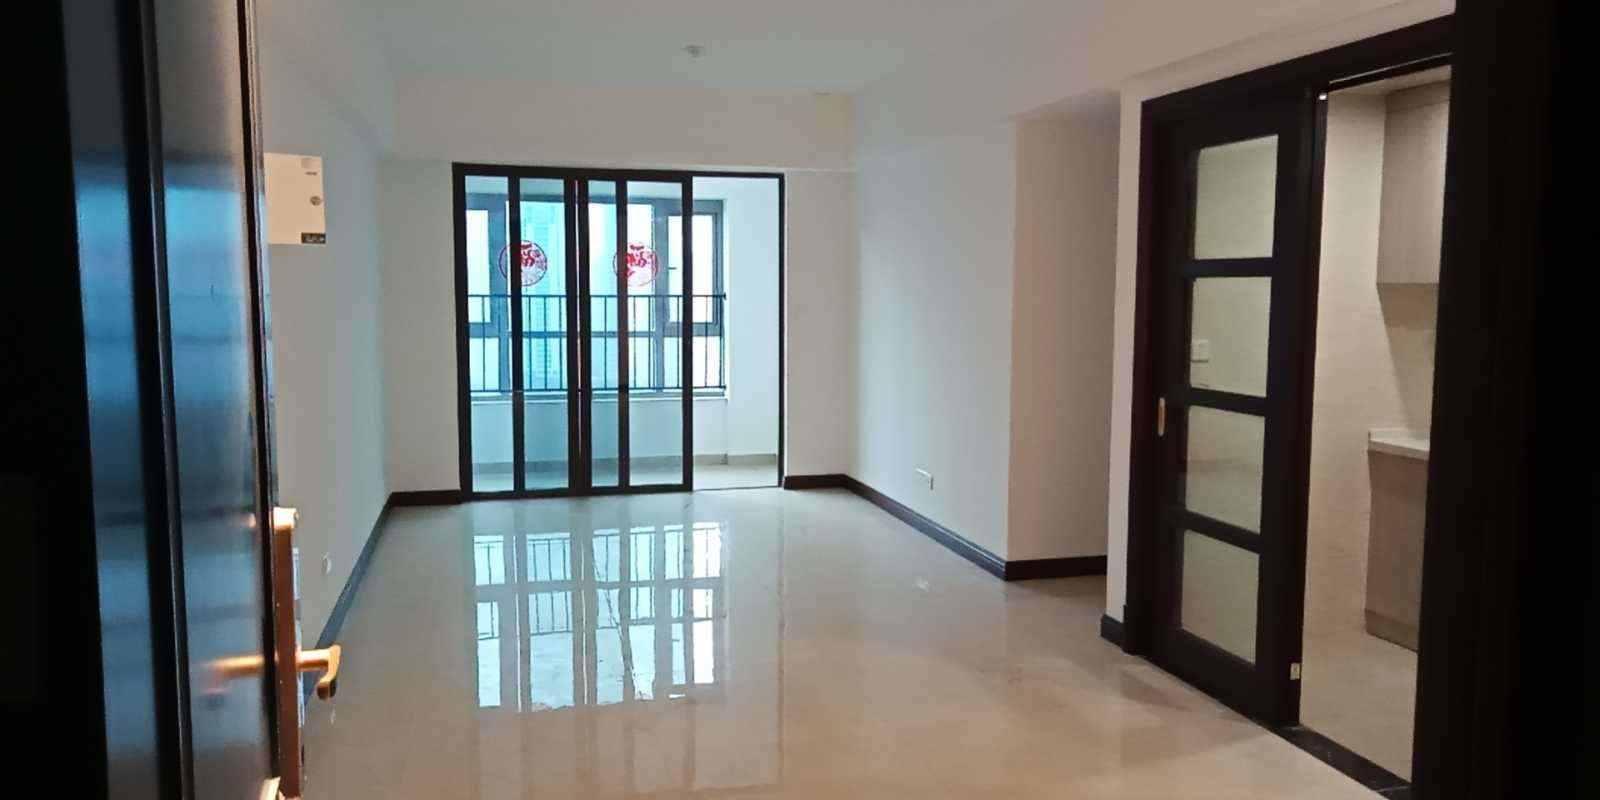 12281急售城南碧桂园江湾一号19/30楼,95平方,3室2厅,楼盘精装修,售102万